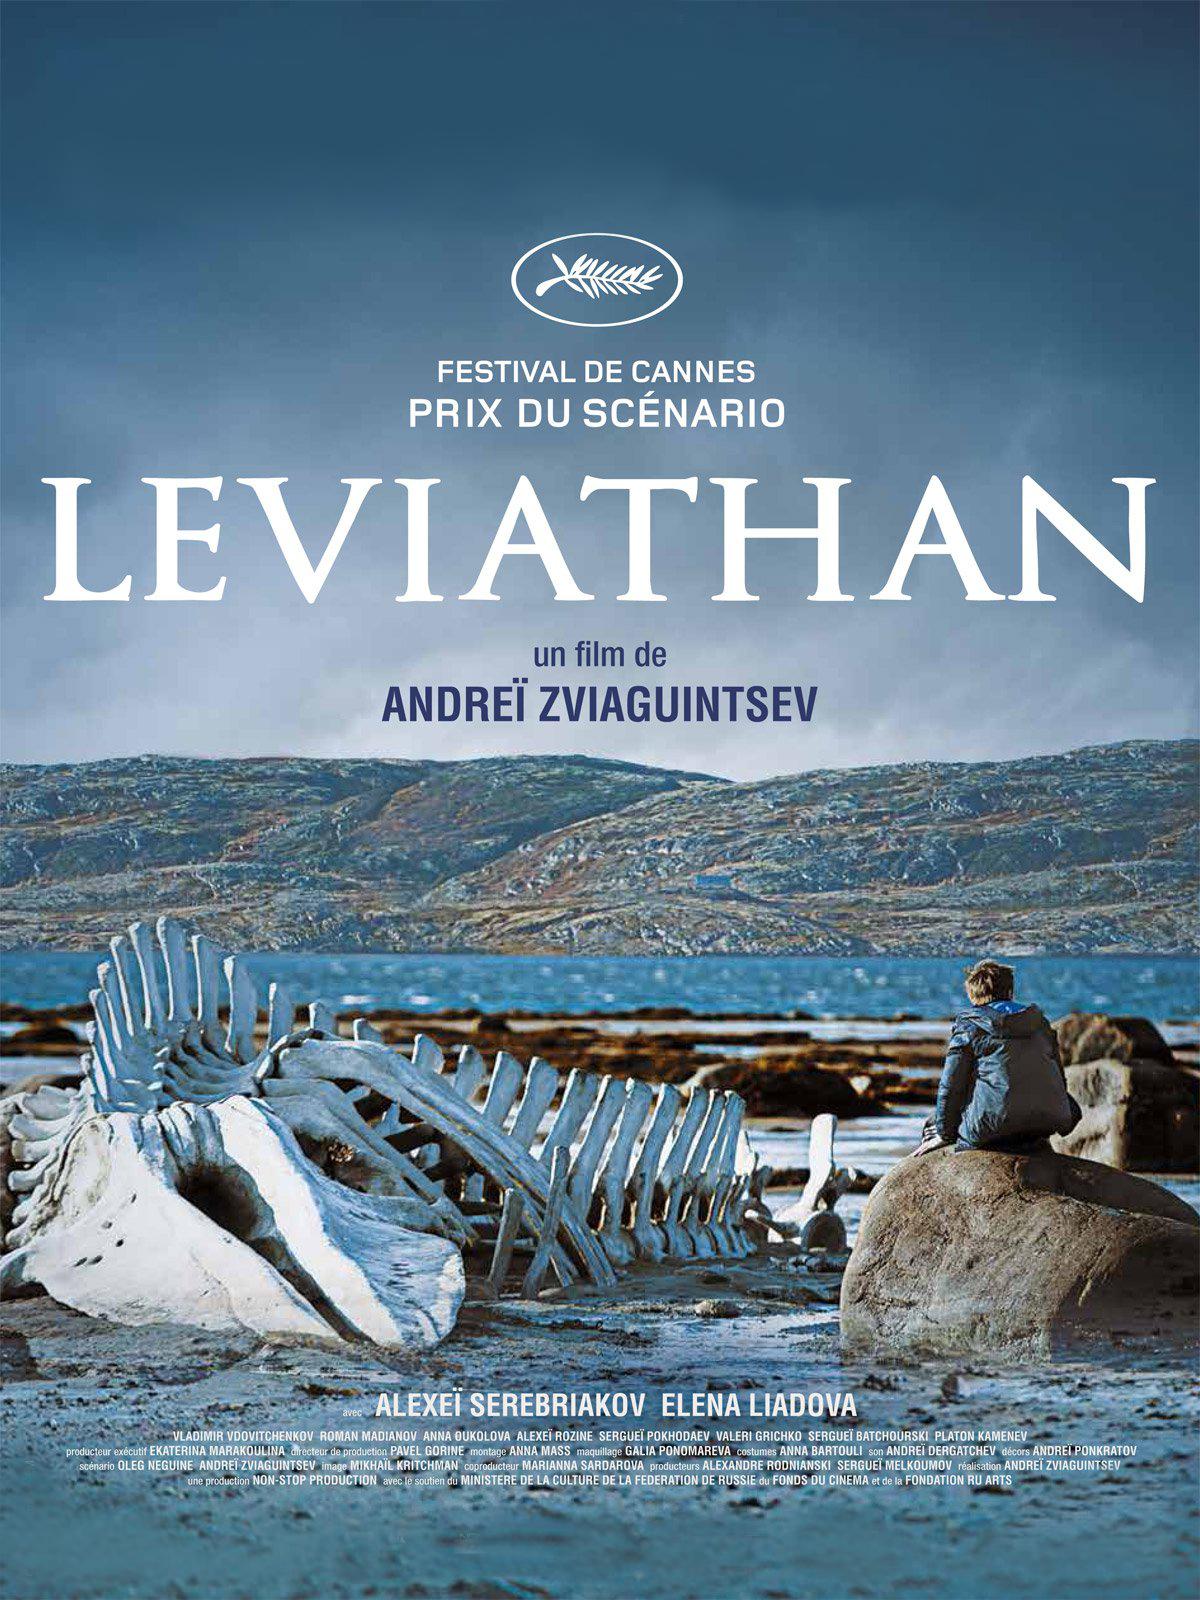 Leviathan (Andrei Zvyagintsev) | Zviaguintsev, Andreï (Réalisateur)